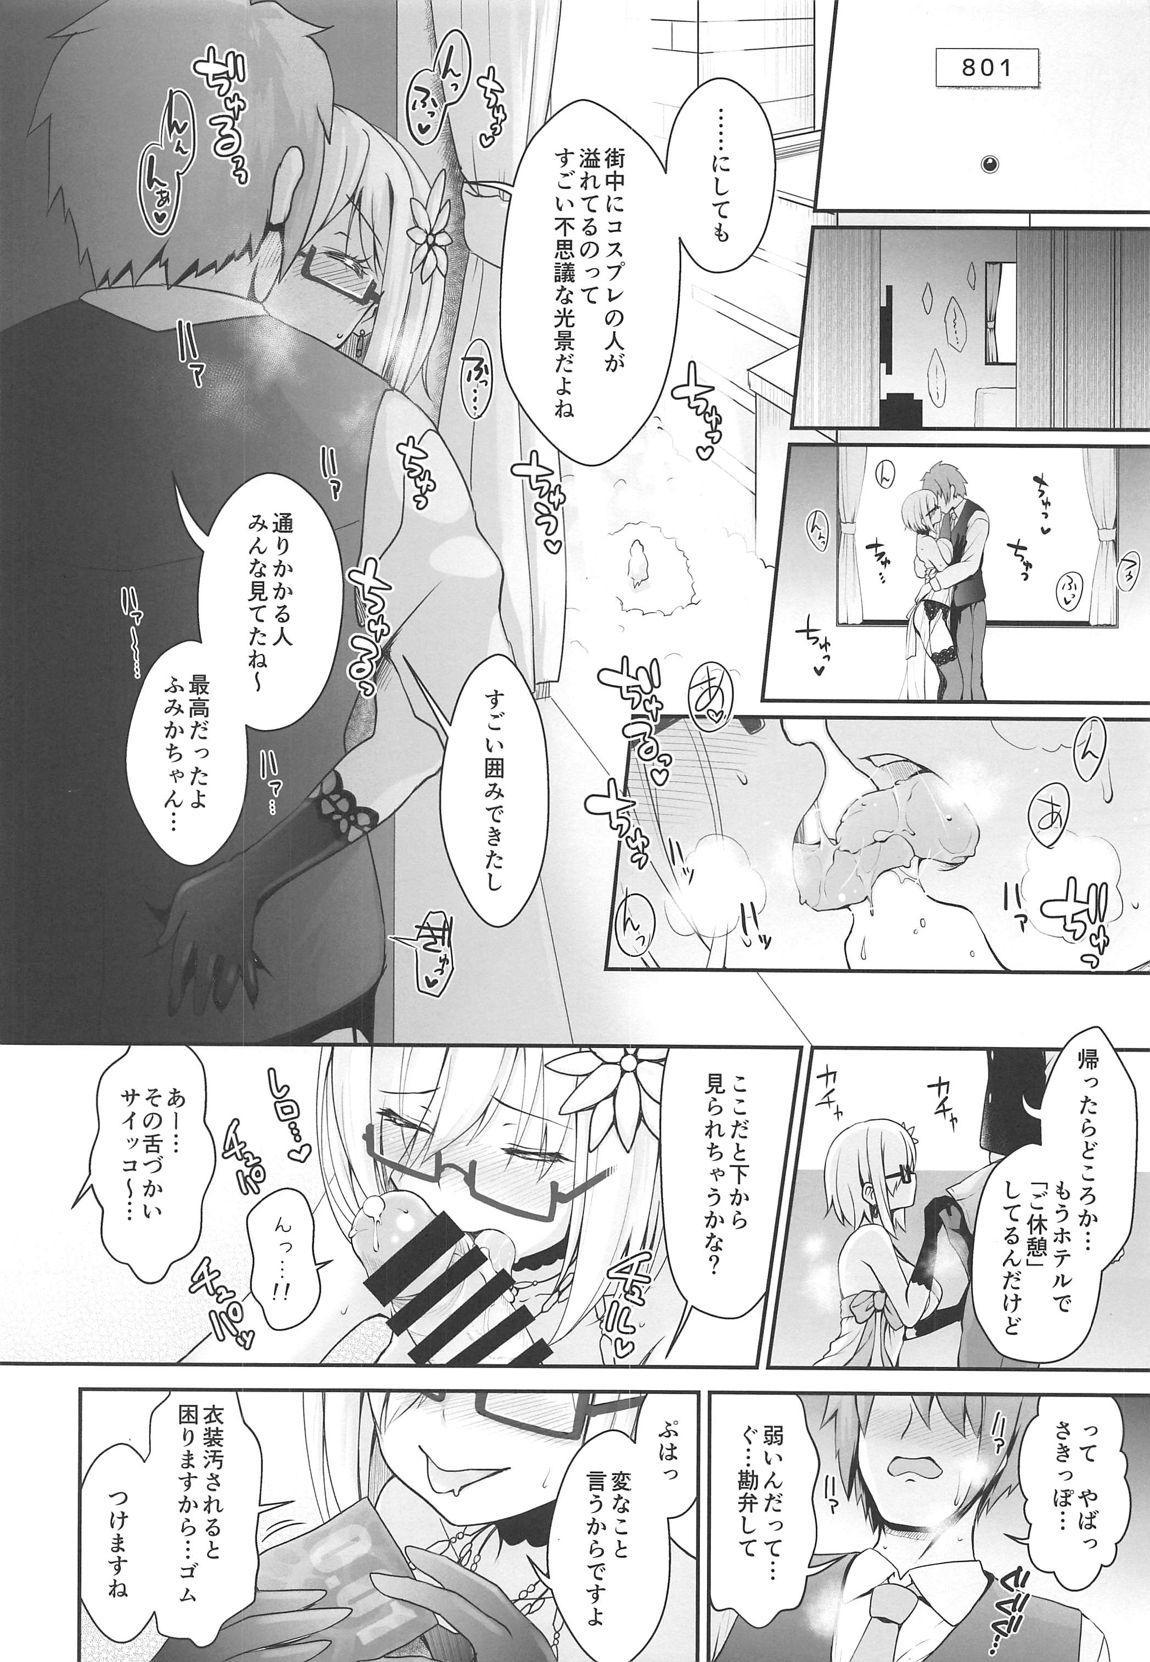 Purupuru Yurasu H-Cup Namachichi Hobo Marudashi Layer Icha Love Rojou CosEve Date 8